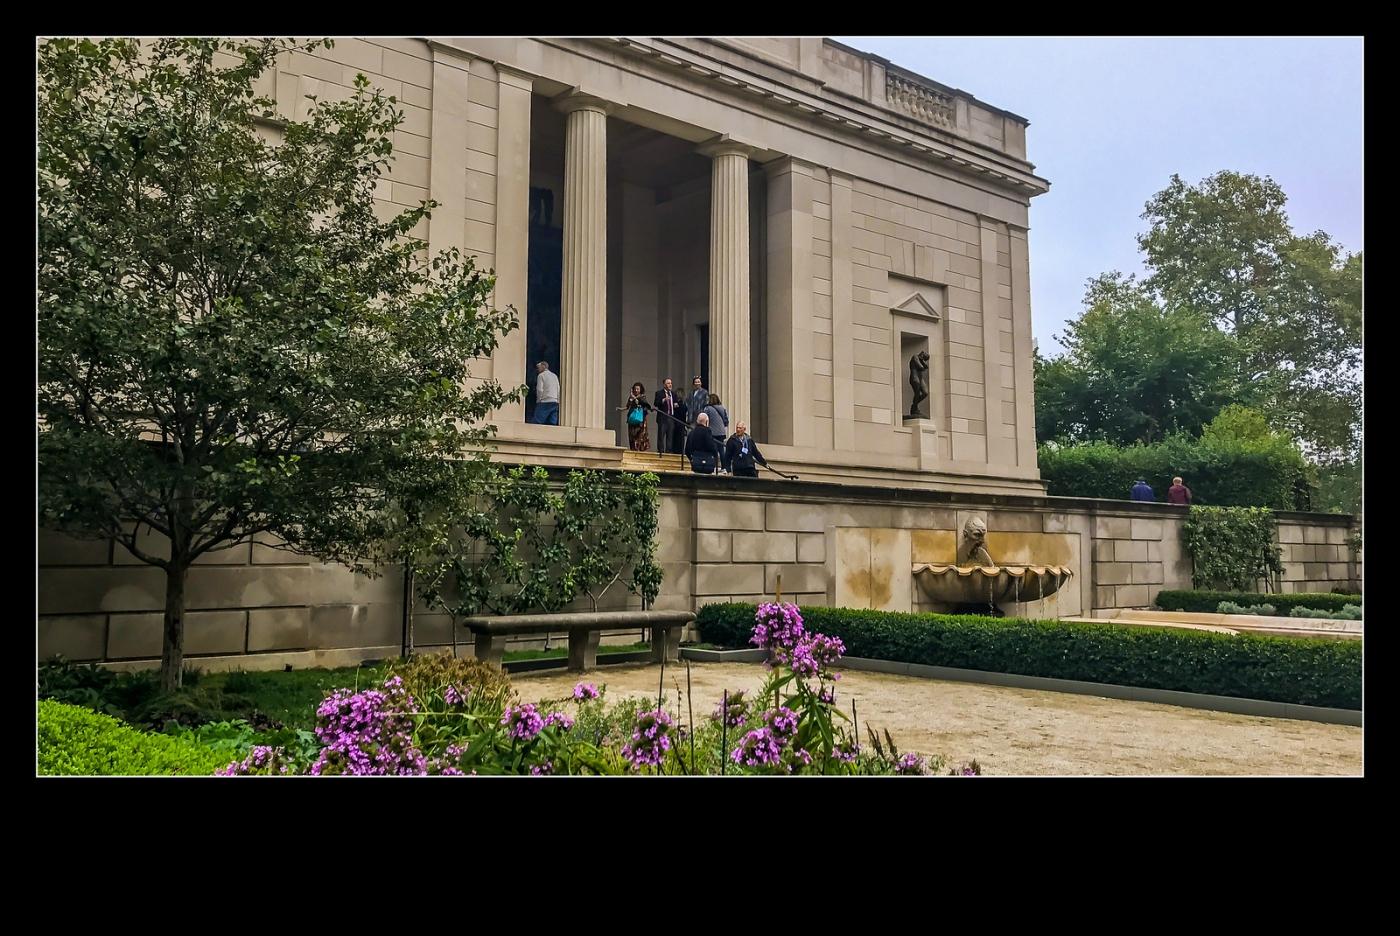 费城罗丹博物馆,值得一看(手机摄影)_图1-5